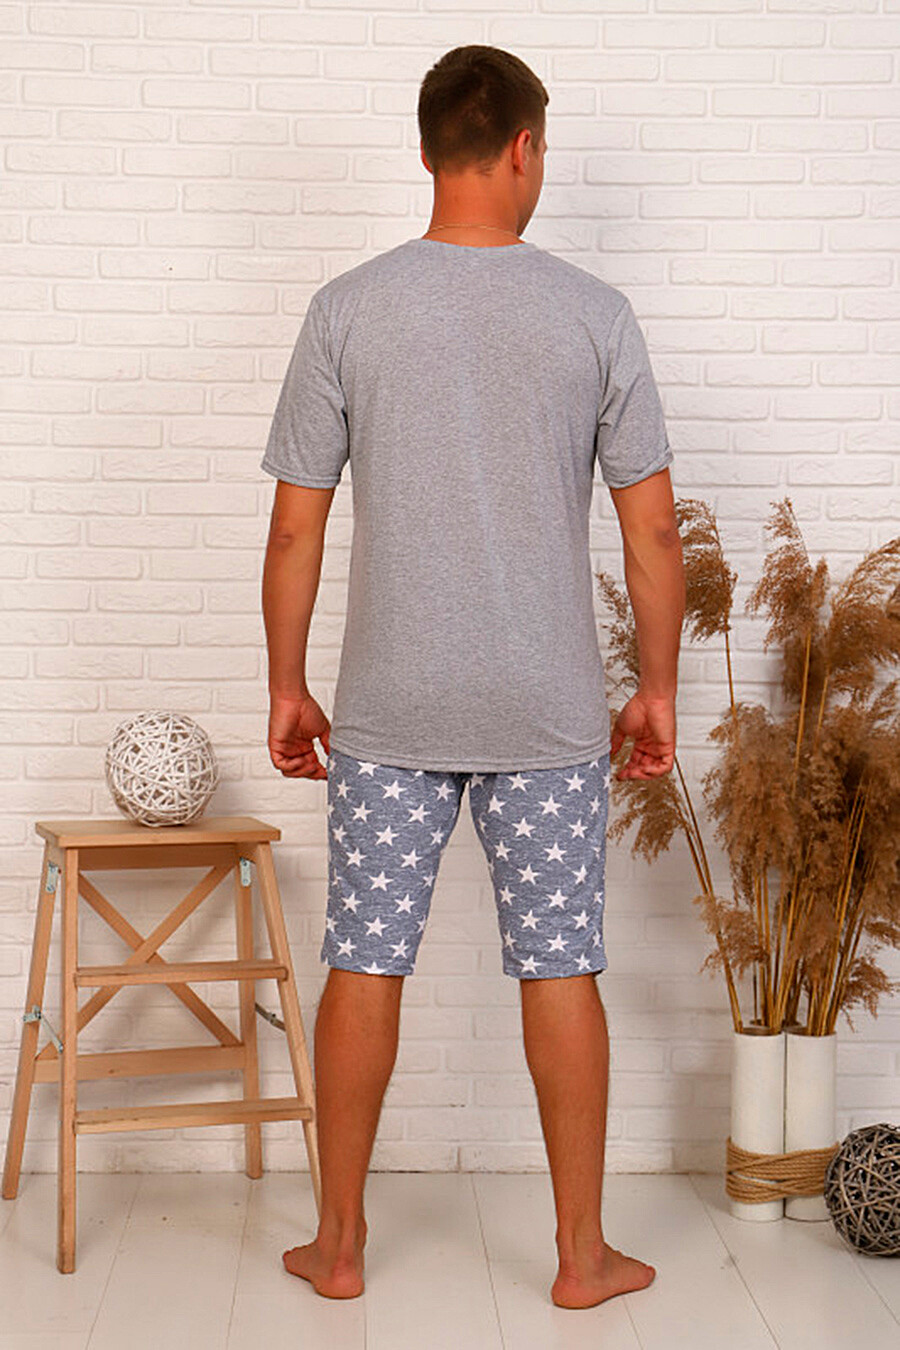 Костюм (Футболка + Шорты) для мужчин SOFIYA37 668356 купить оптом от производителя. Совместная покупка мужской одежды в OptMoyo